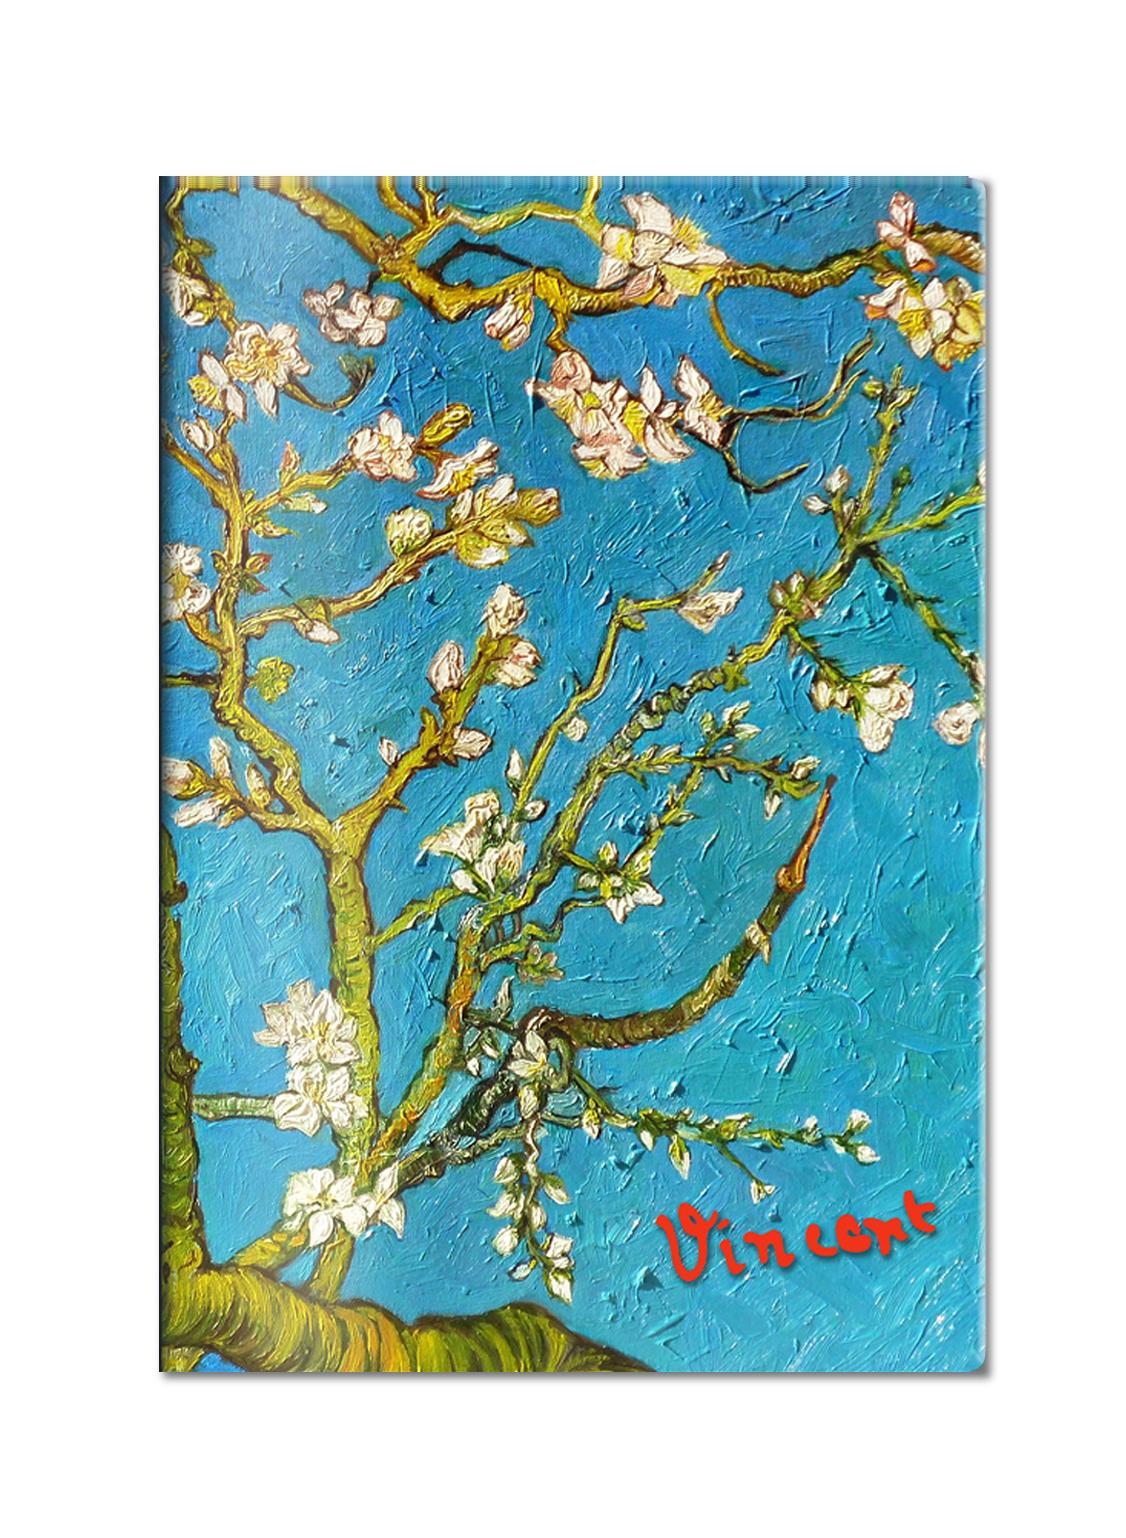 Обложка для паспорта. Ван Гог. Цветущие ветки миндаля